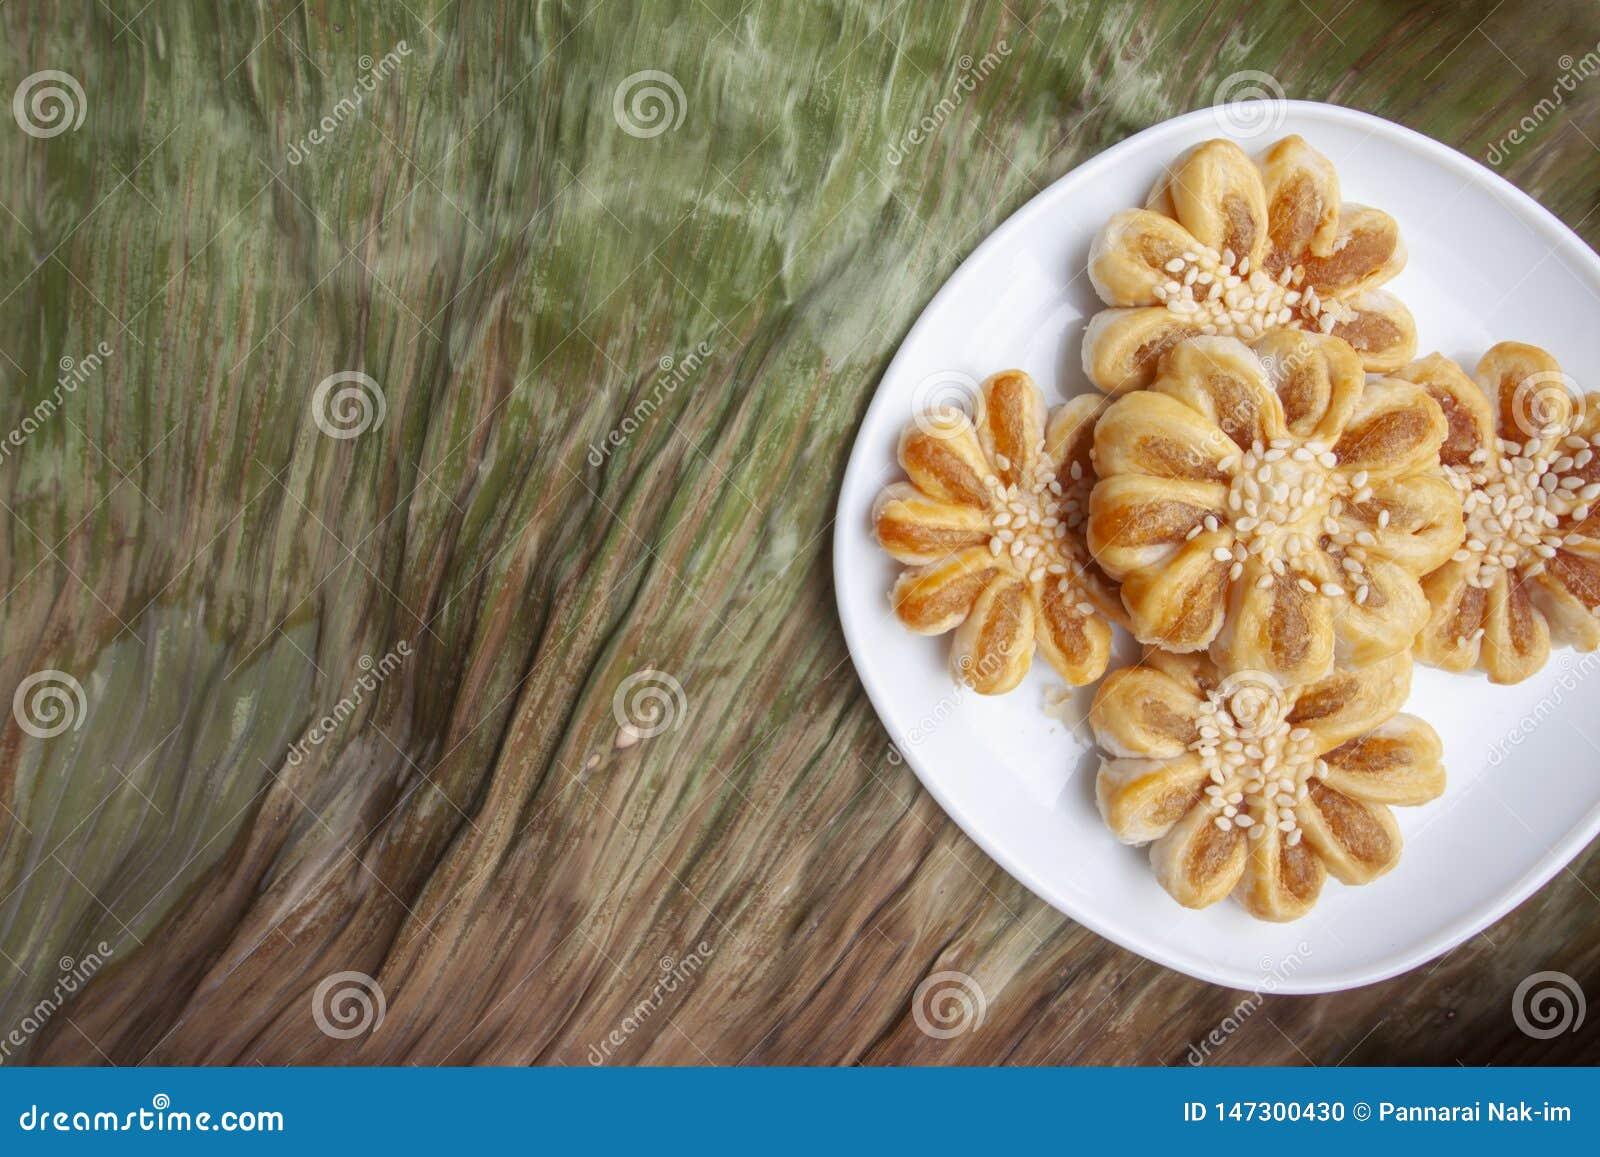 Ananaspastei in witte plaat op droog banaanblad